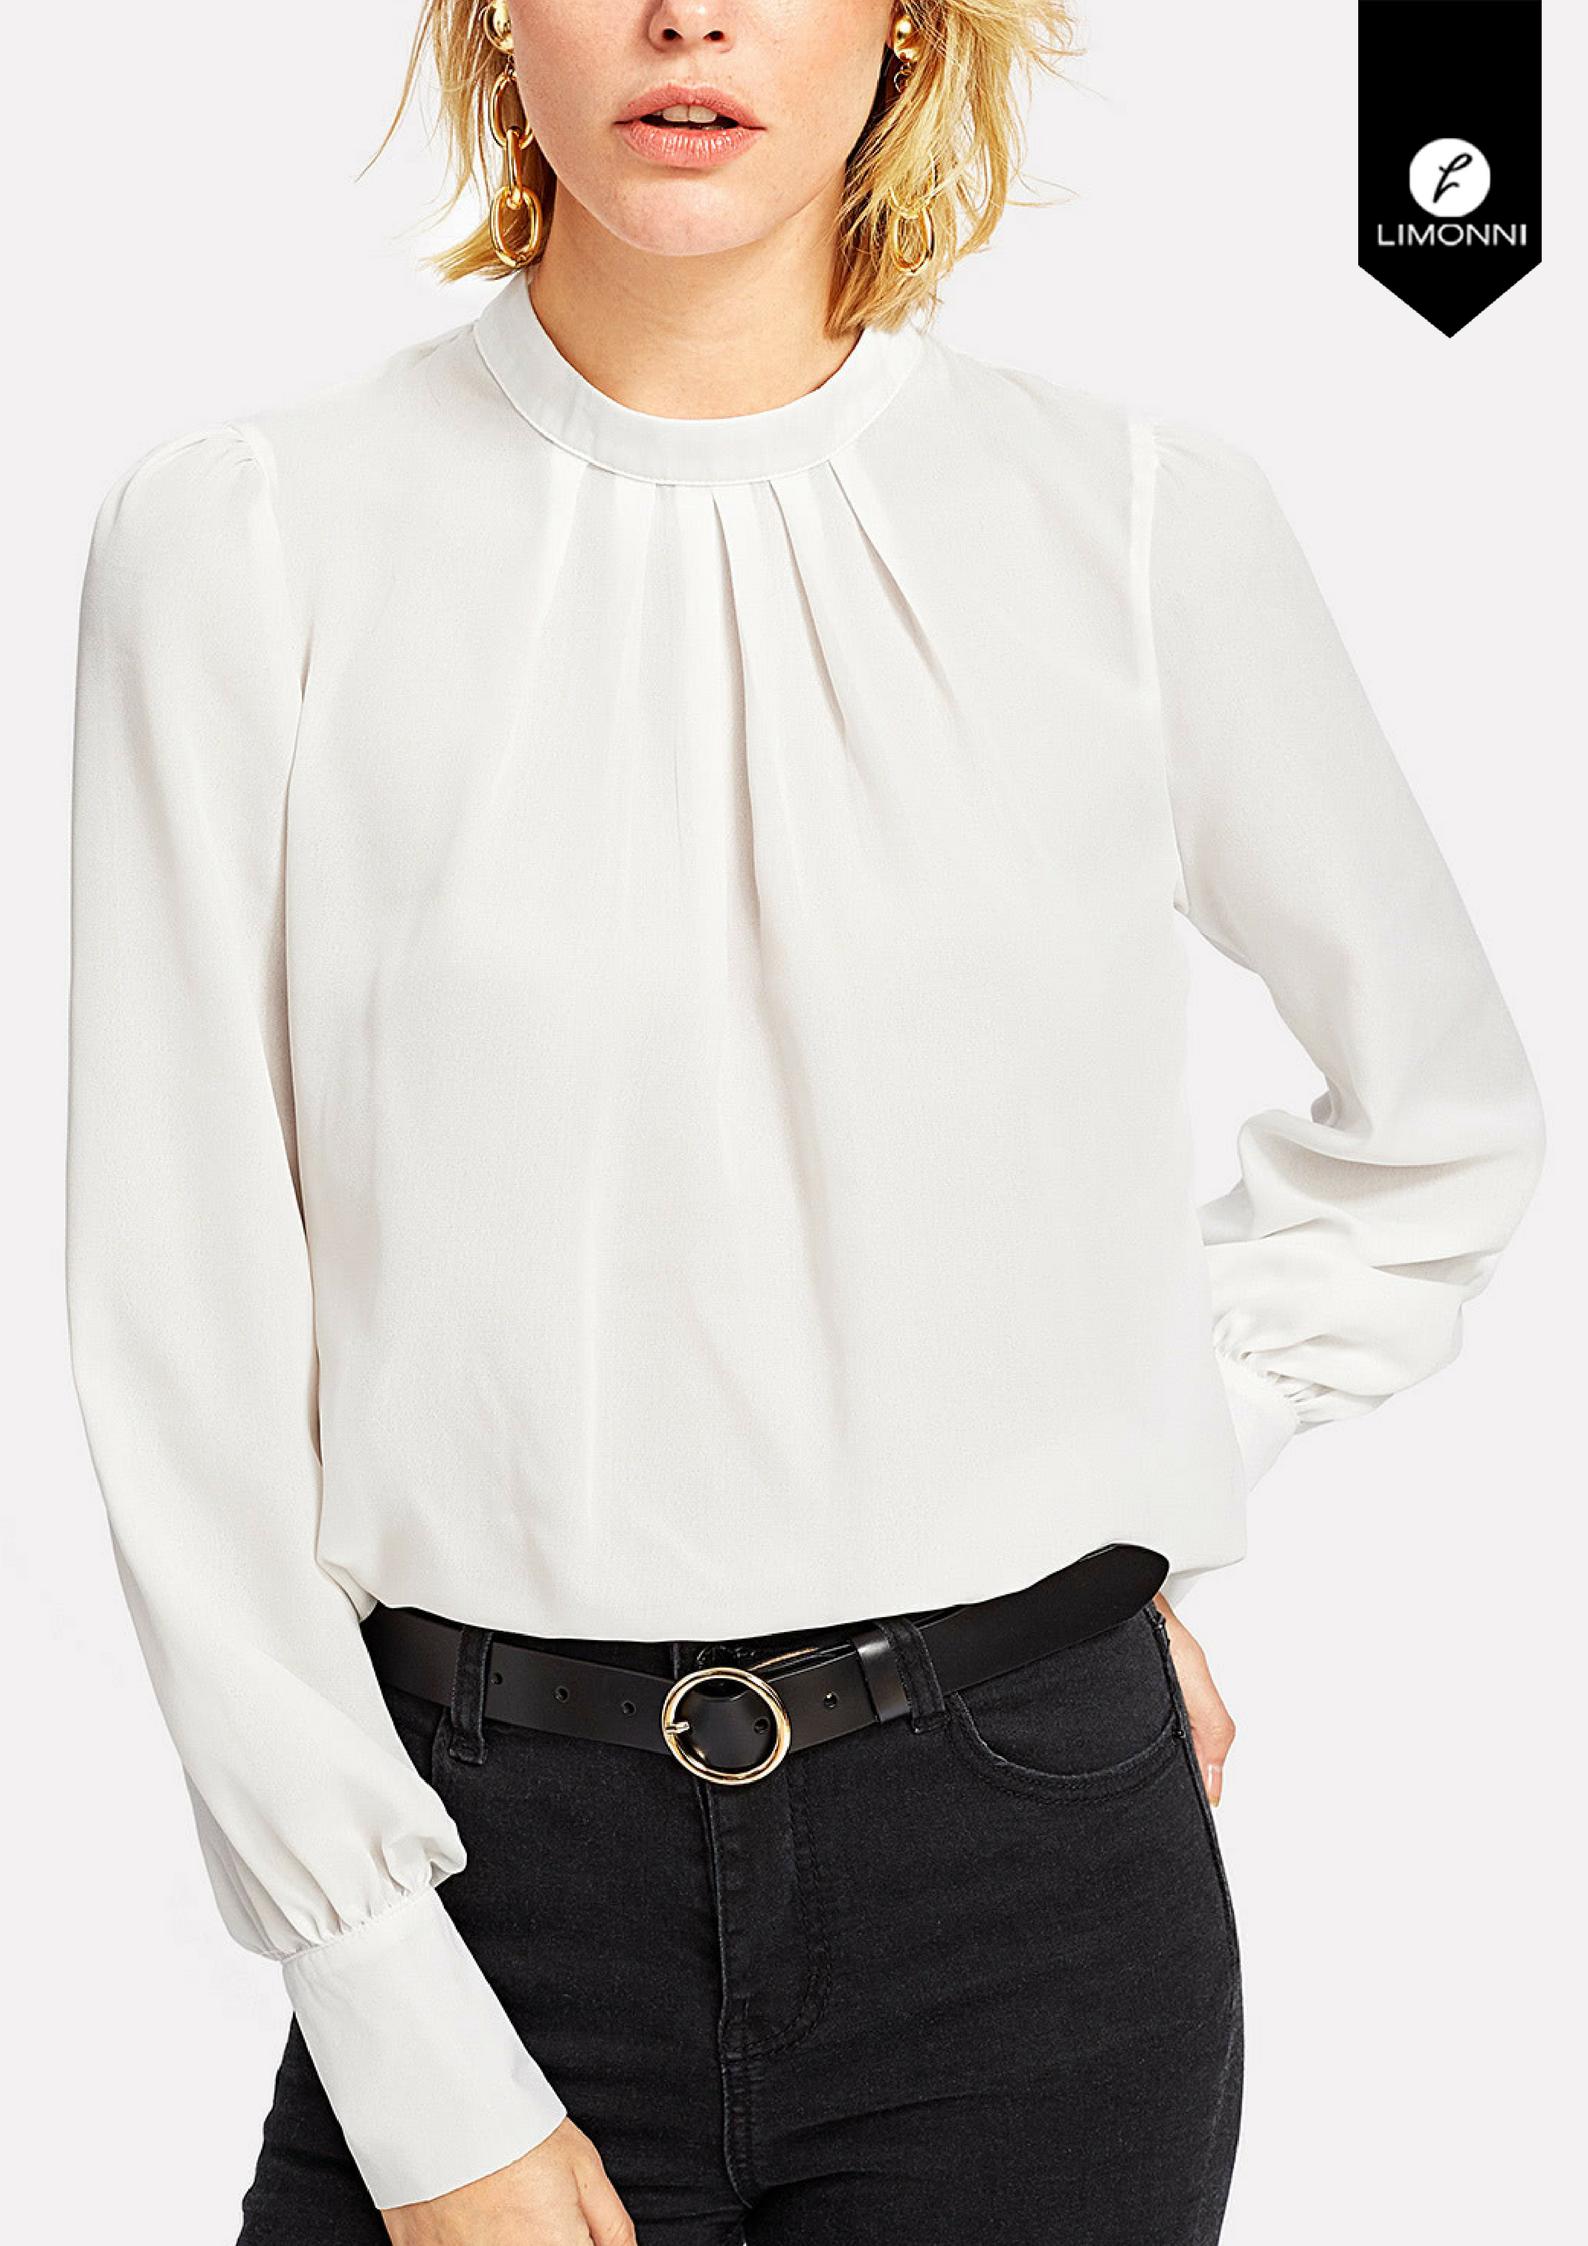 Blusas para mujer Limonni Novalee LI1484 Casuales